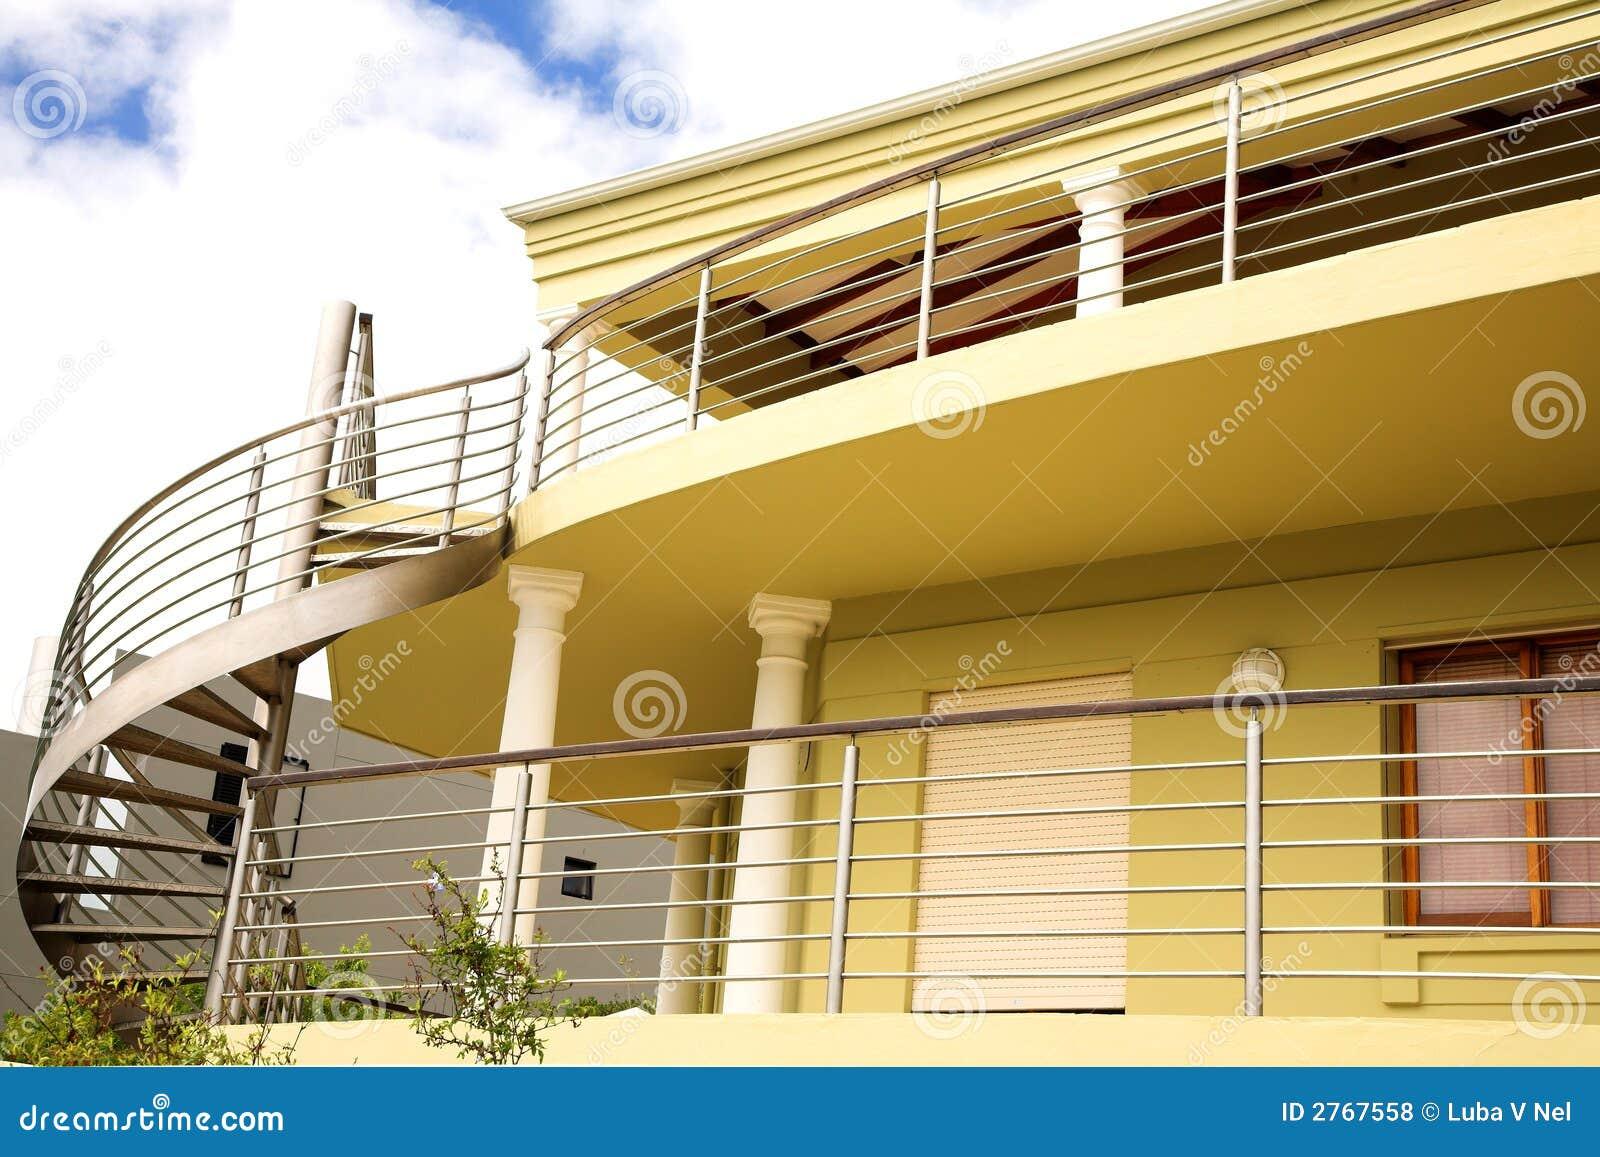 Belle maison moderne photos libres de droits image 2767558 - Belle maison moderne ...